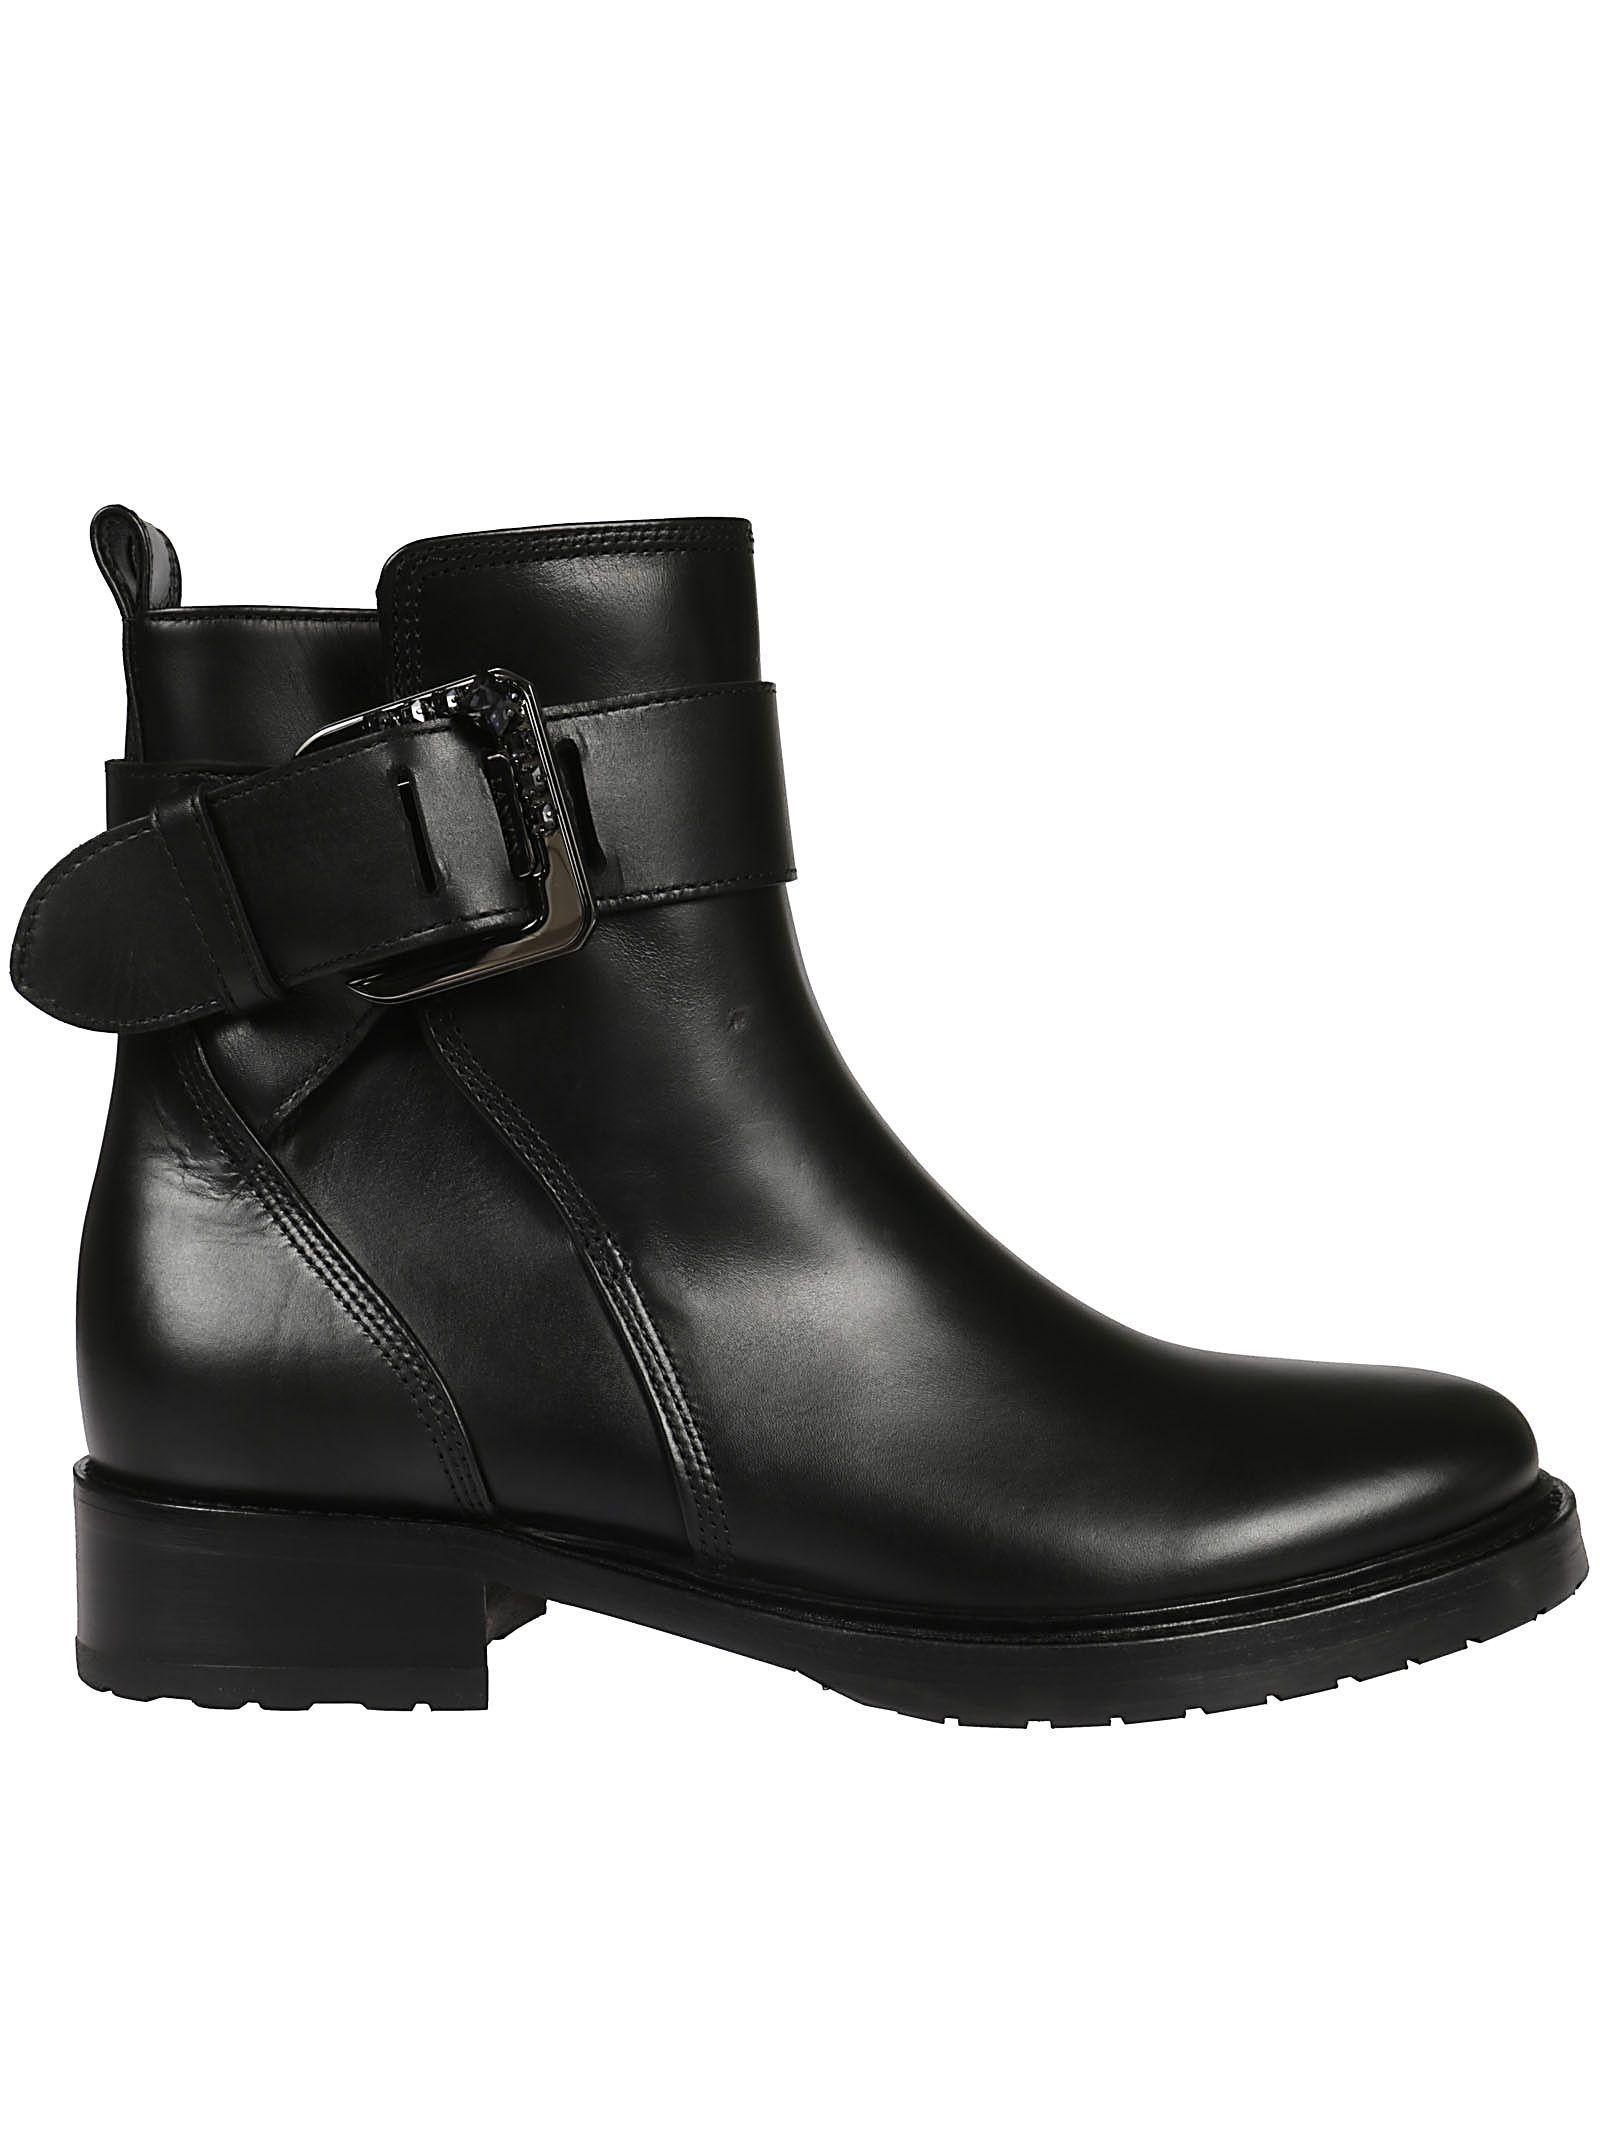 Lanvin Embellished Buckle Ankle Boots In Black